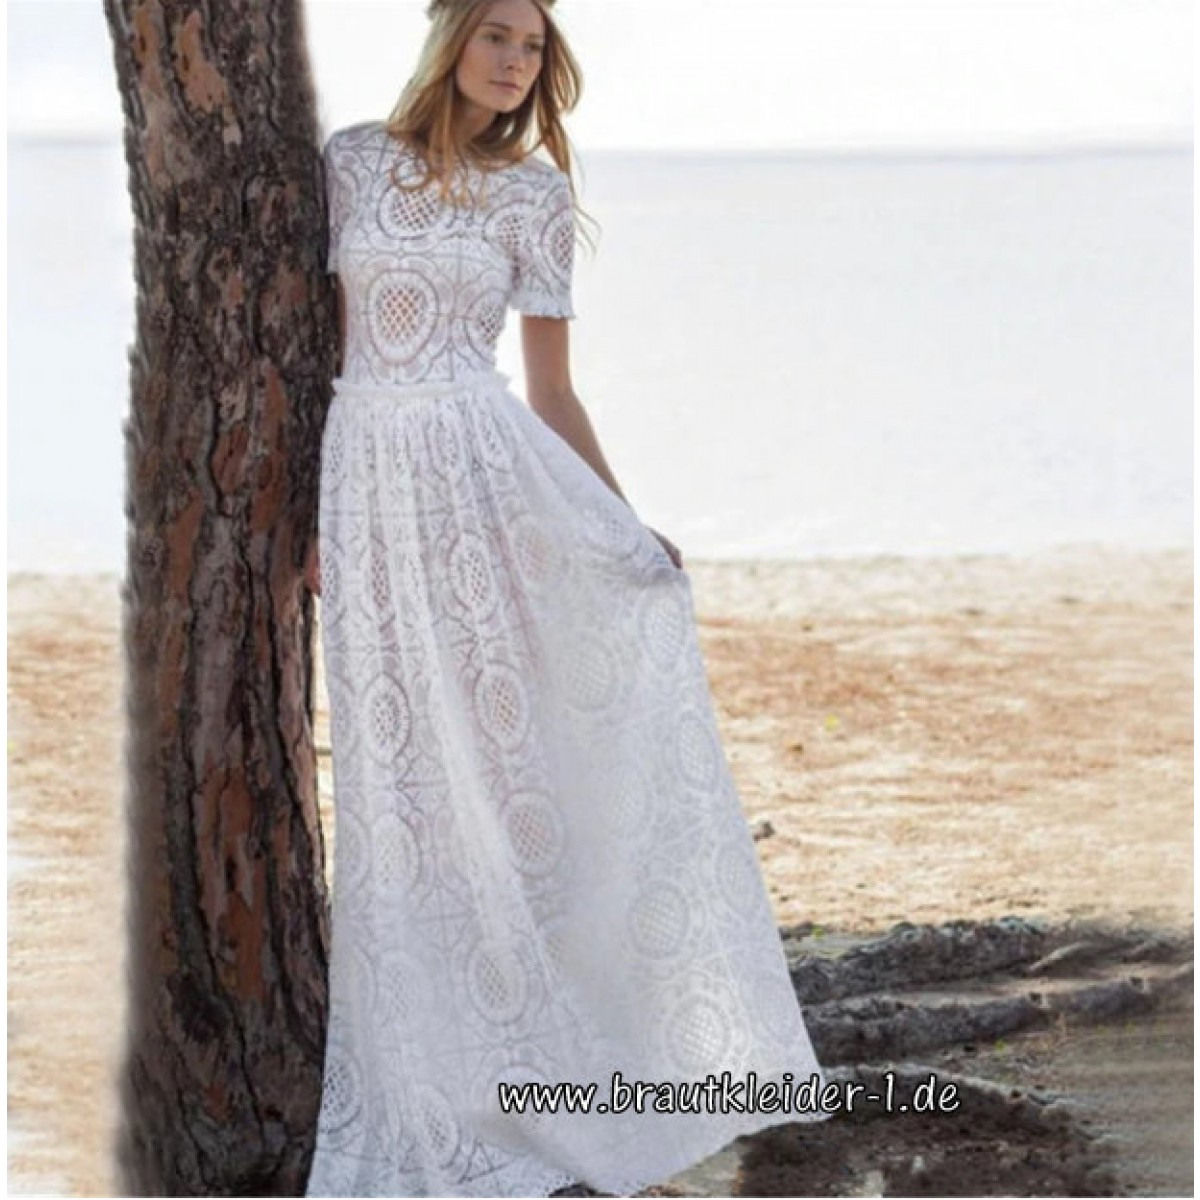 Langes Spitzenkleid Boho Kleid Für Den Standesamt Mit Ärmel